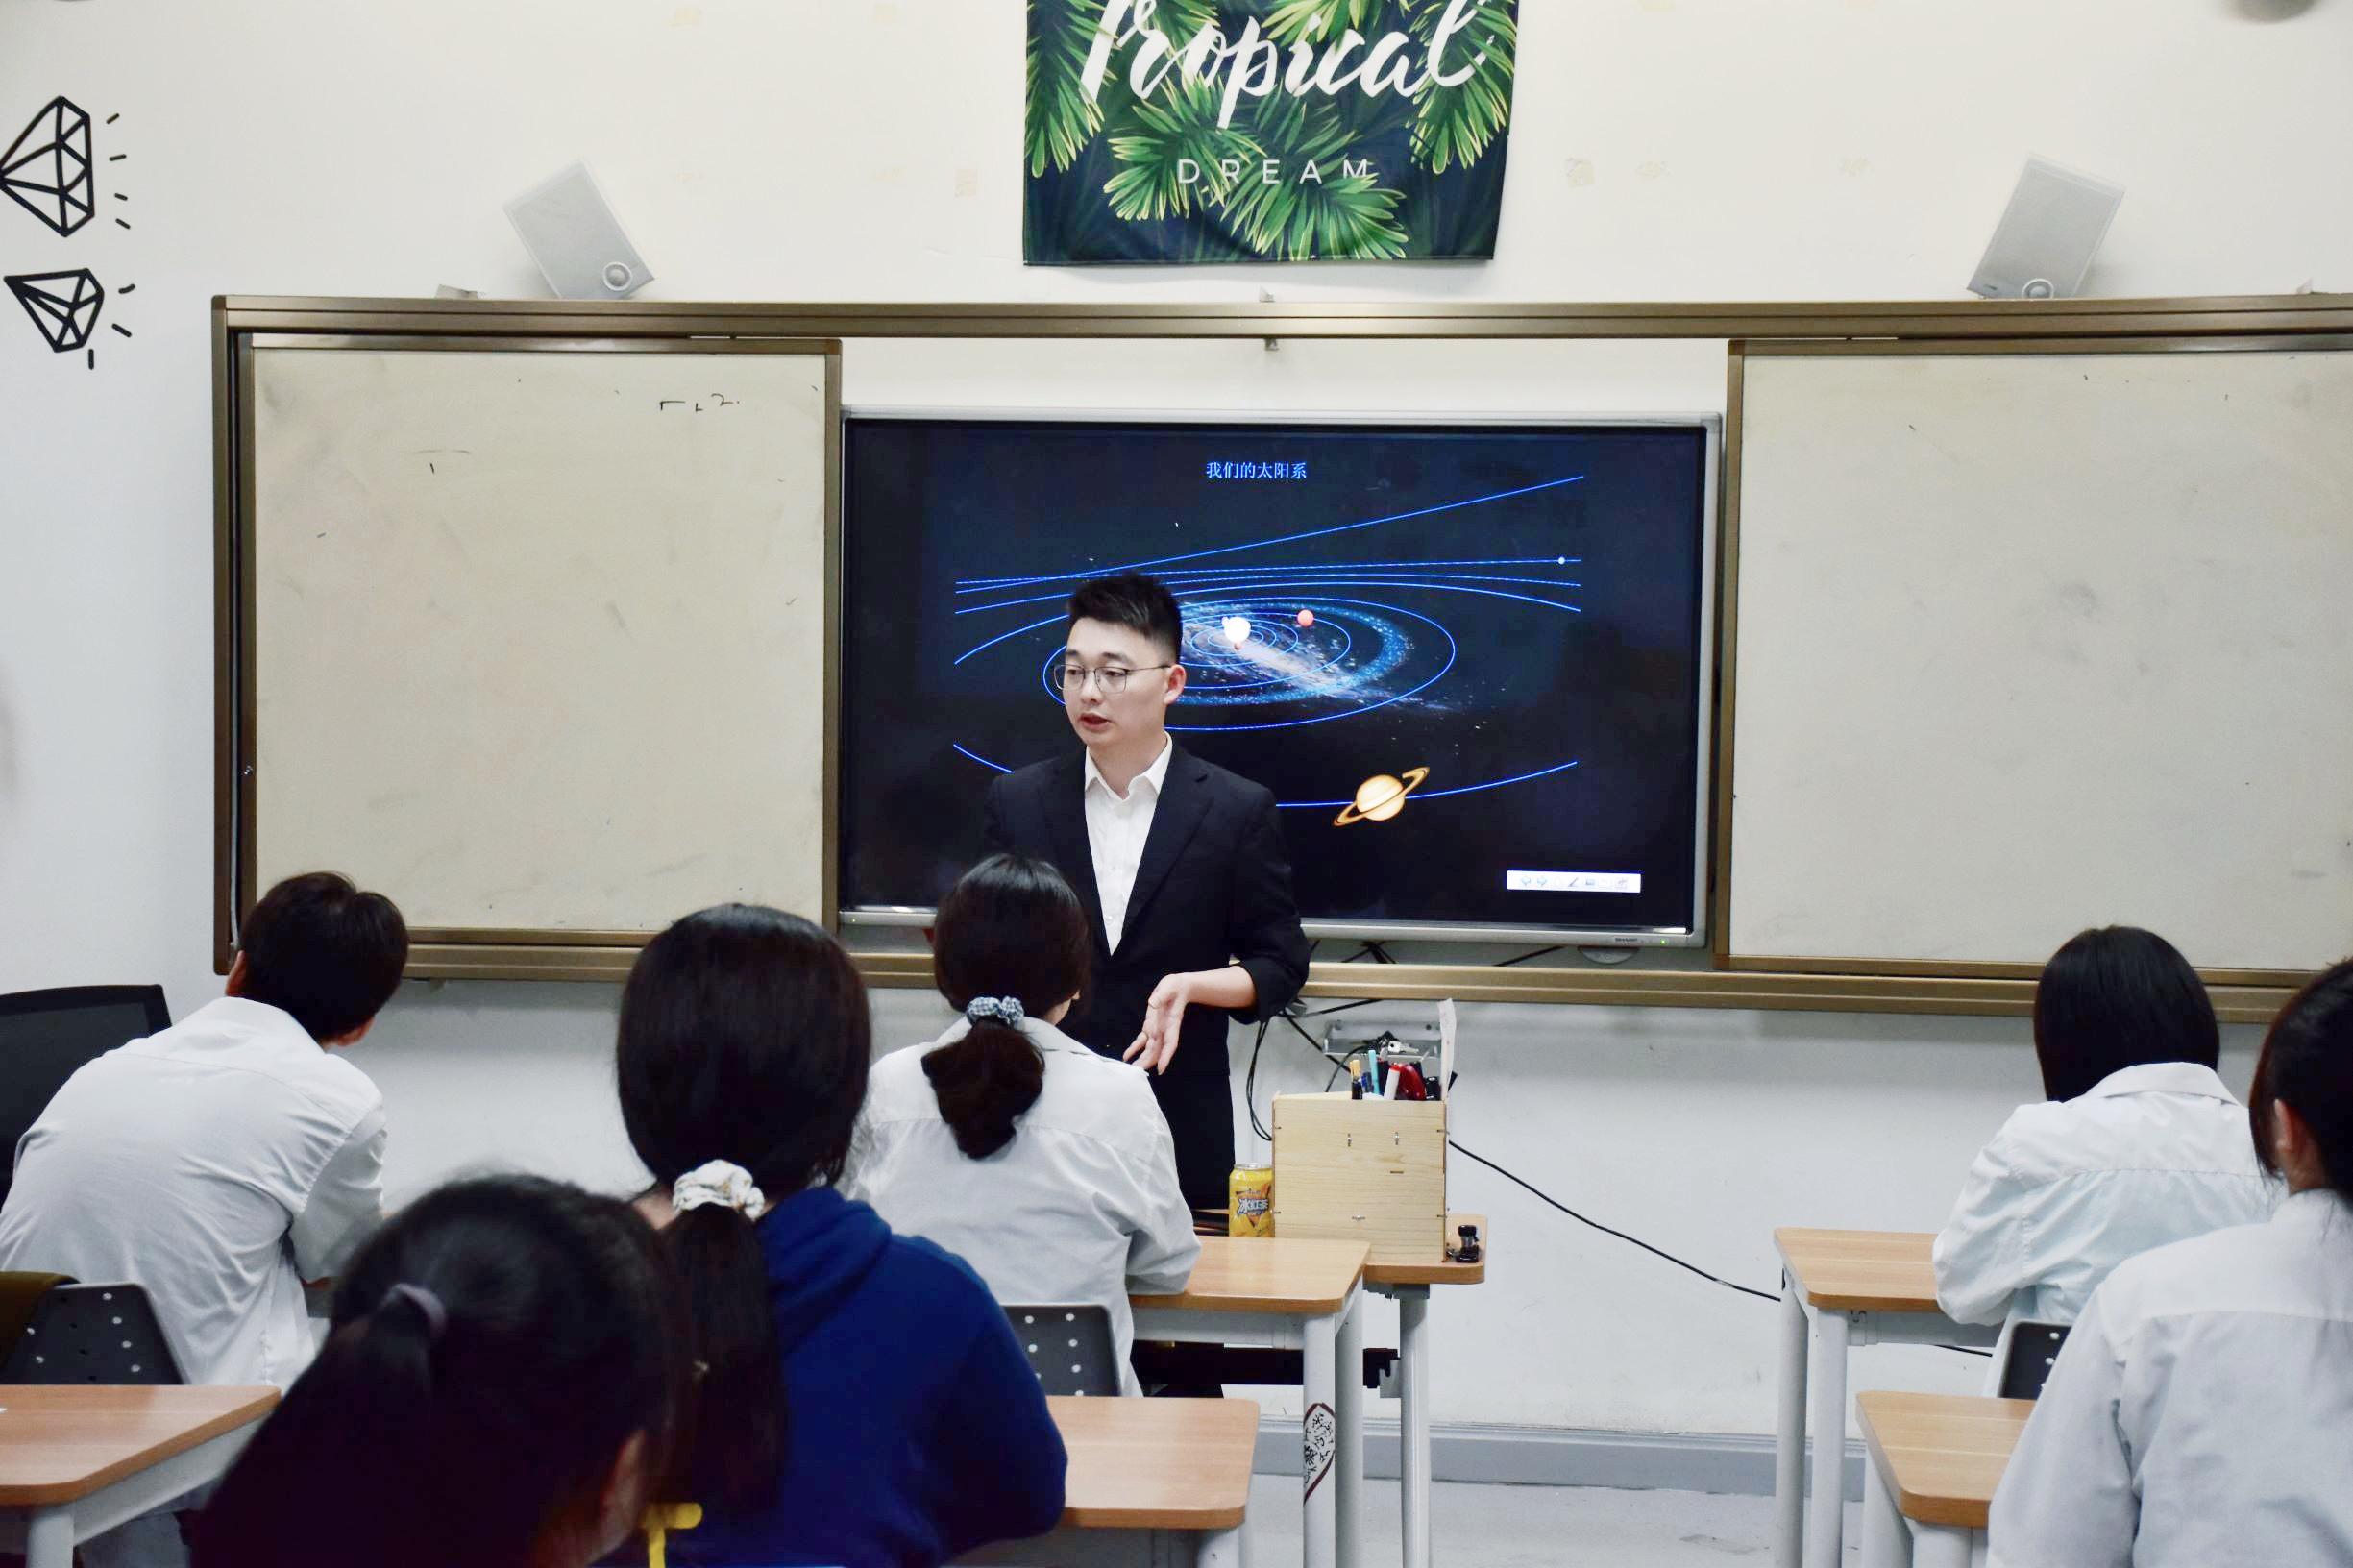 示范引领精彩课堂——海亮外语中学开展教研组长公开课赛课活动